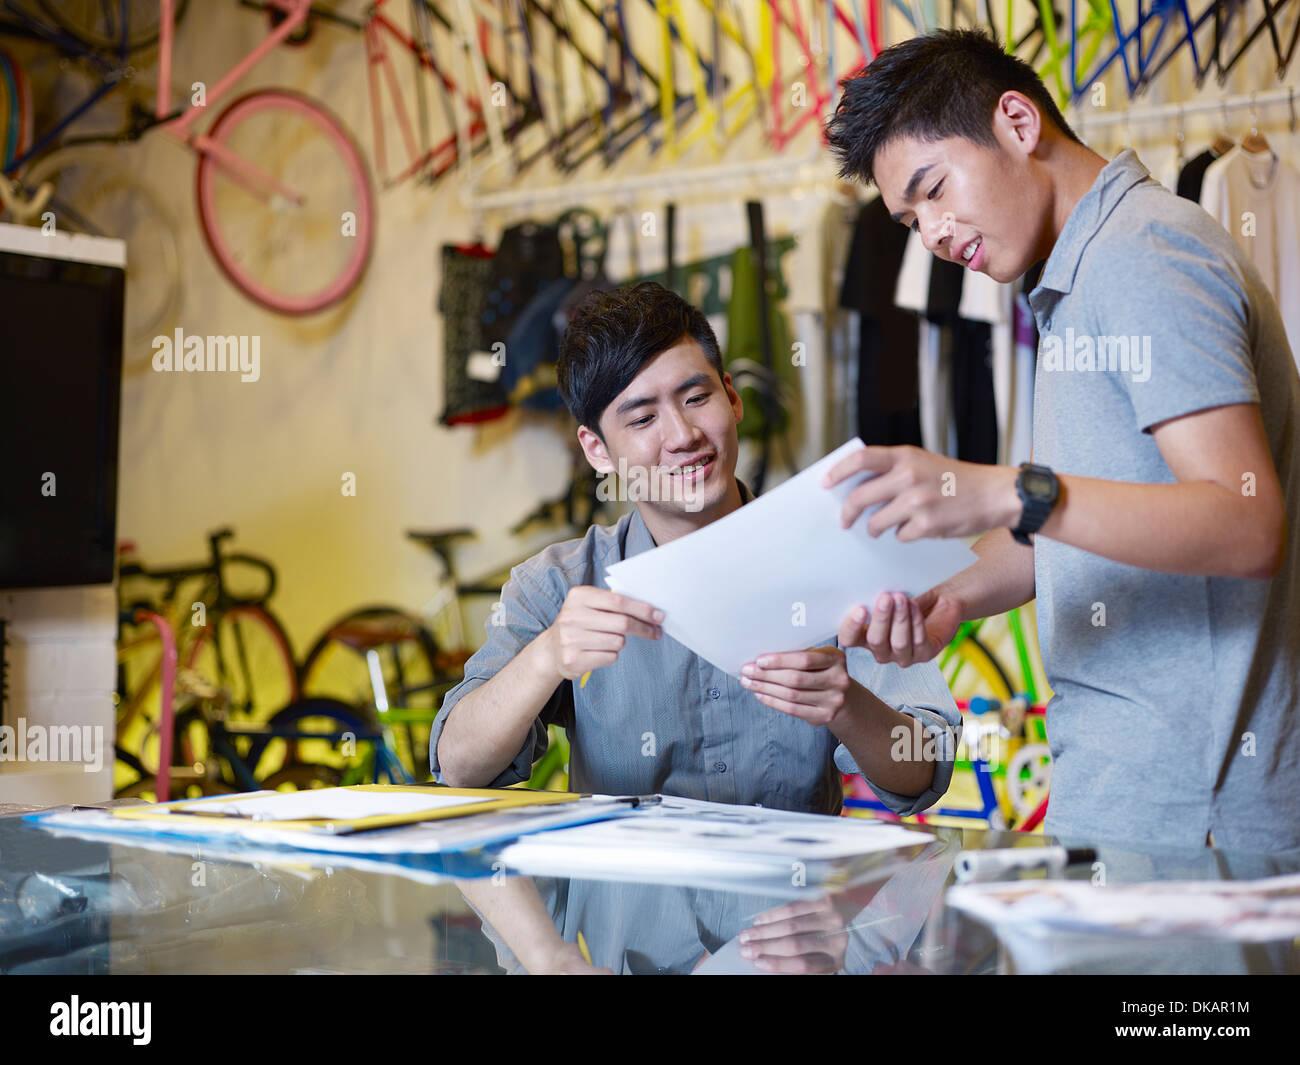 Zwei junge Männer mit Papierkram im Bike-shop Stockbild